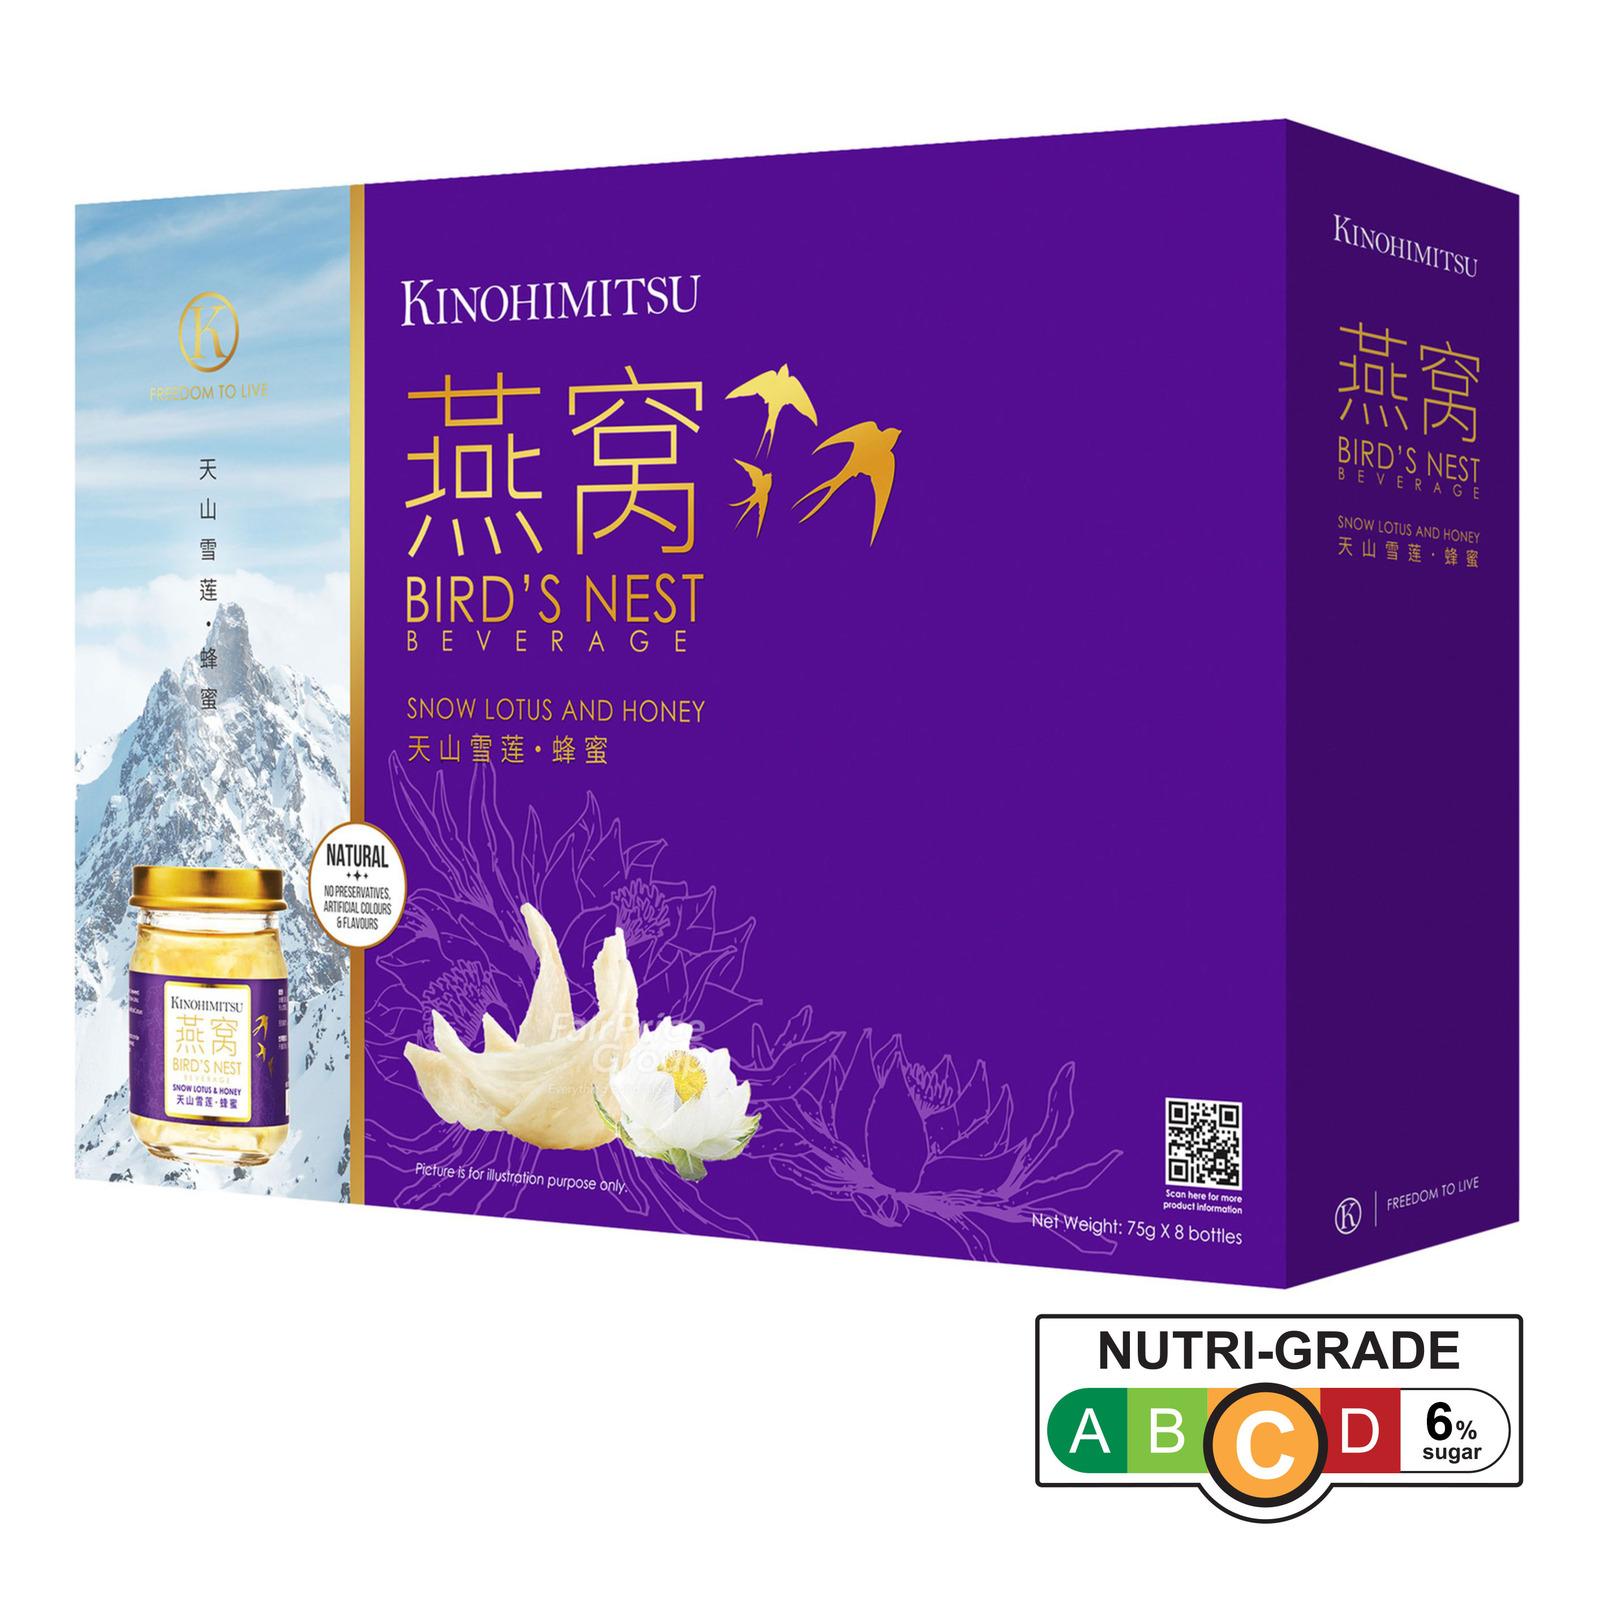 Kinohimitsu Bird's Nest - Snow Lotus & Honey